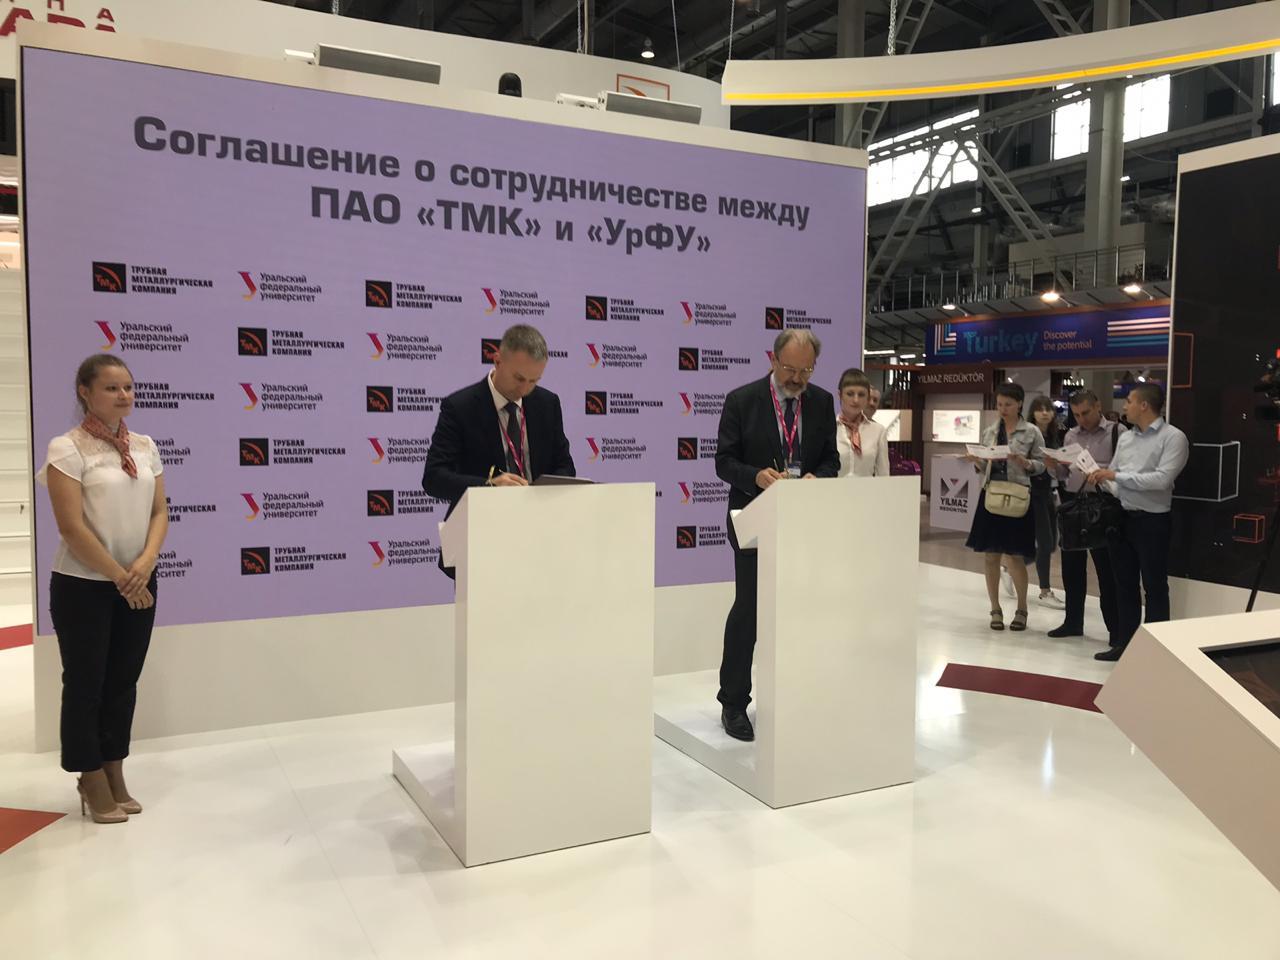 ТМК и Уральский федеральный университет заключили соглашение о сотрудничестве